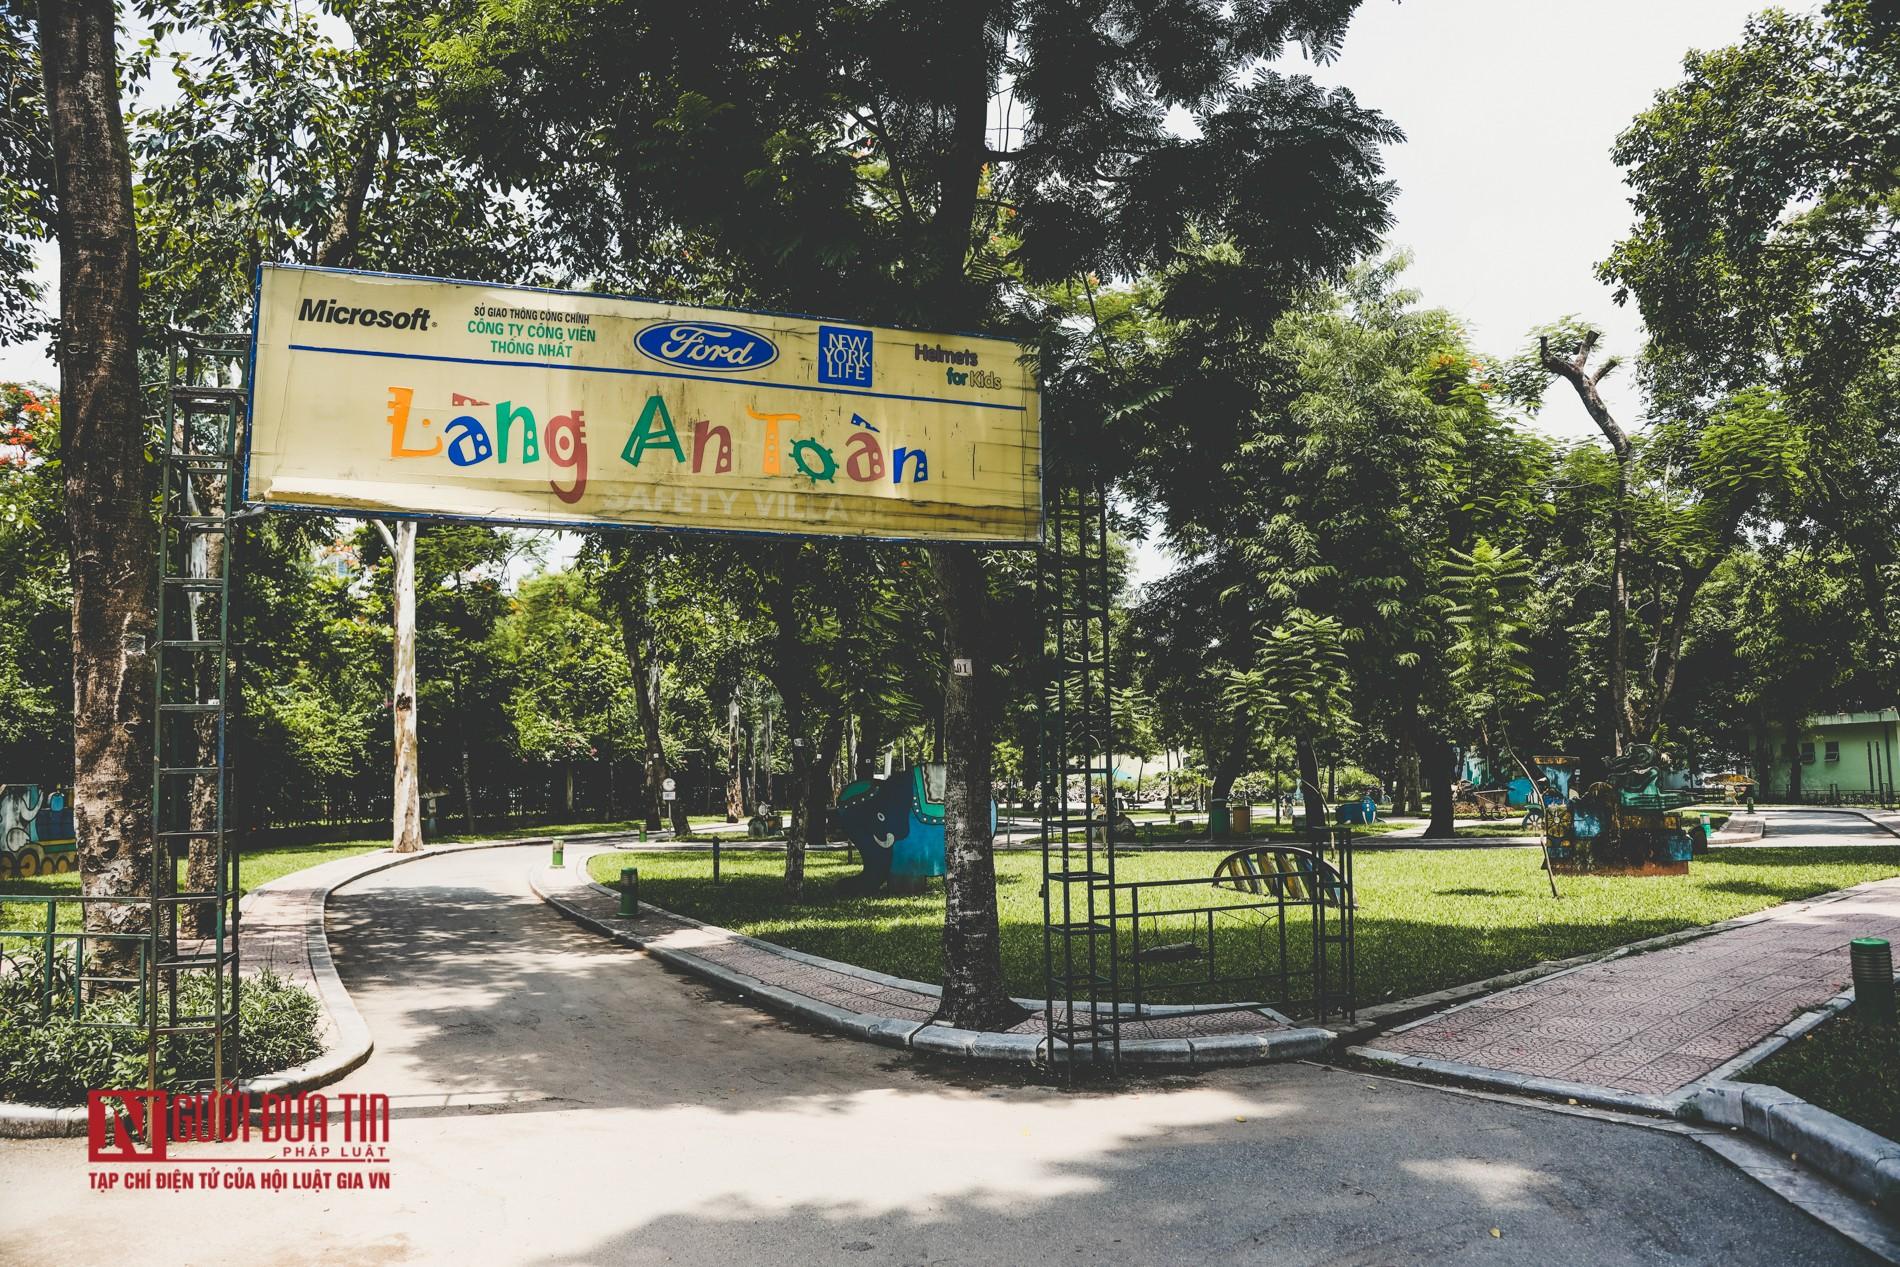 Hà Nội: Xót xa những hạng mục vui chơi cho trẻ xuống cấp, hư hỏng tại công viên Thống Nhất-9